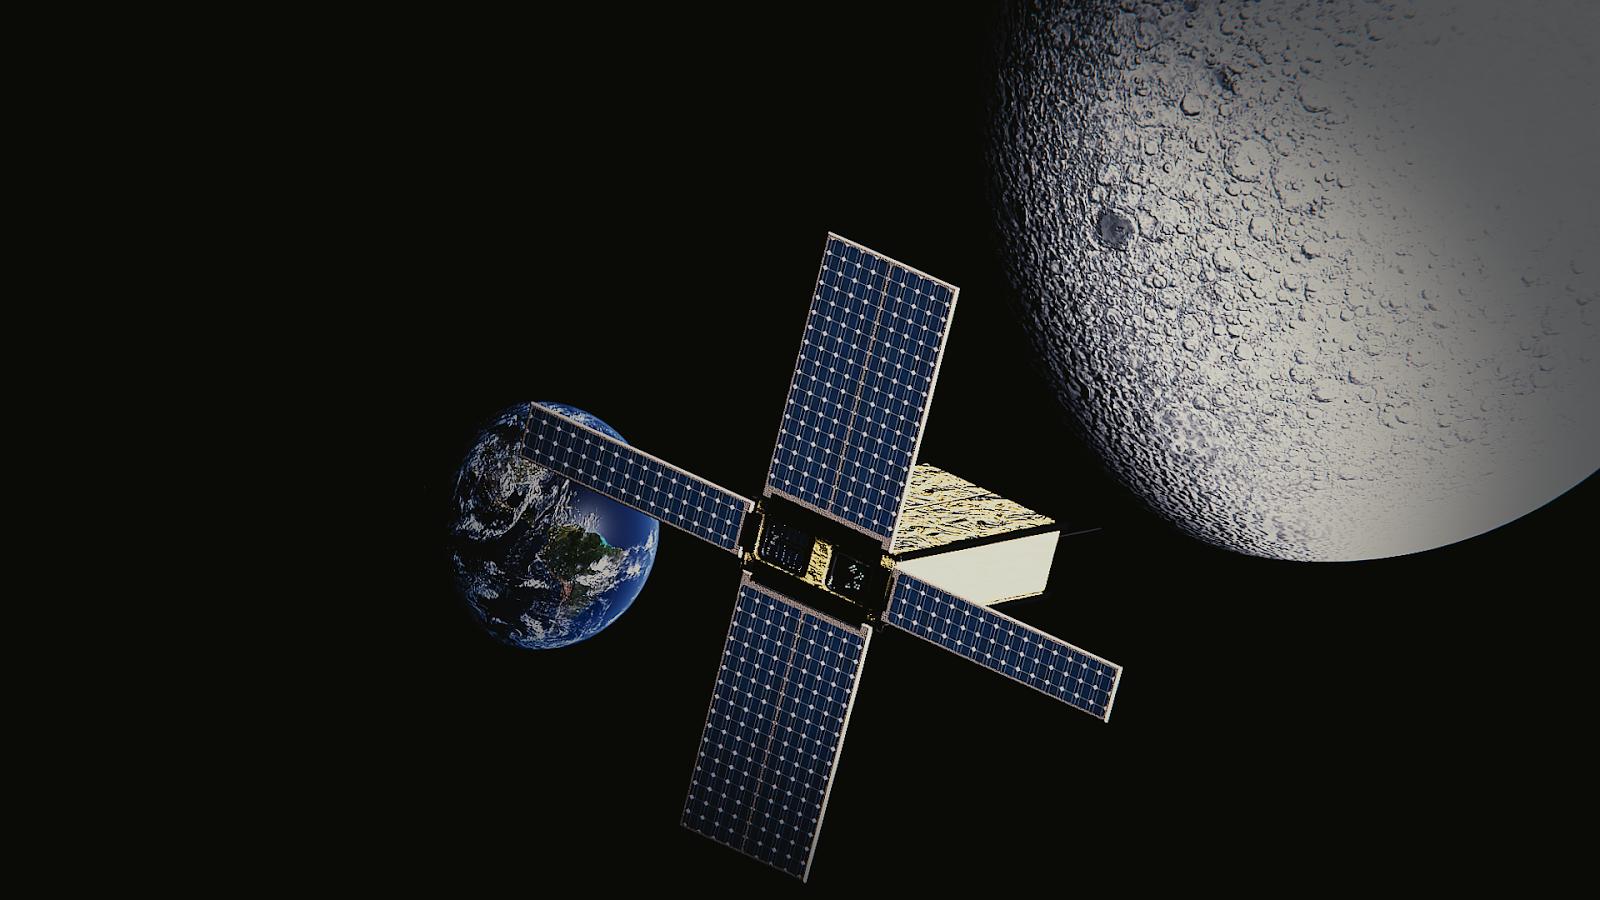 A ideia da missão coordenada atualmente por Lucas é colocar um experimento científico na órbita da Lua (foto: divulgação)